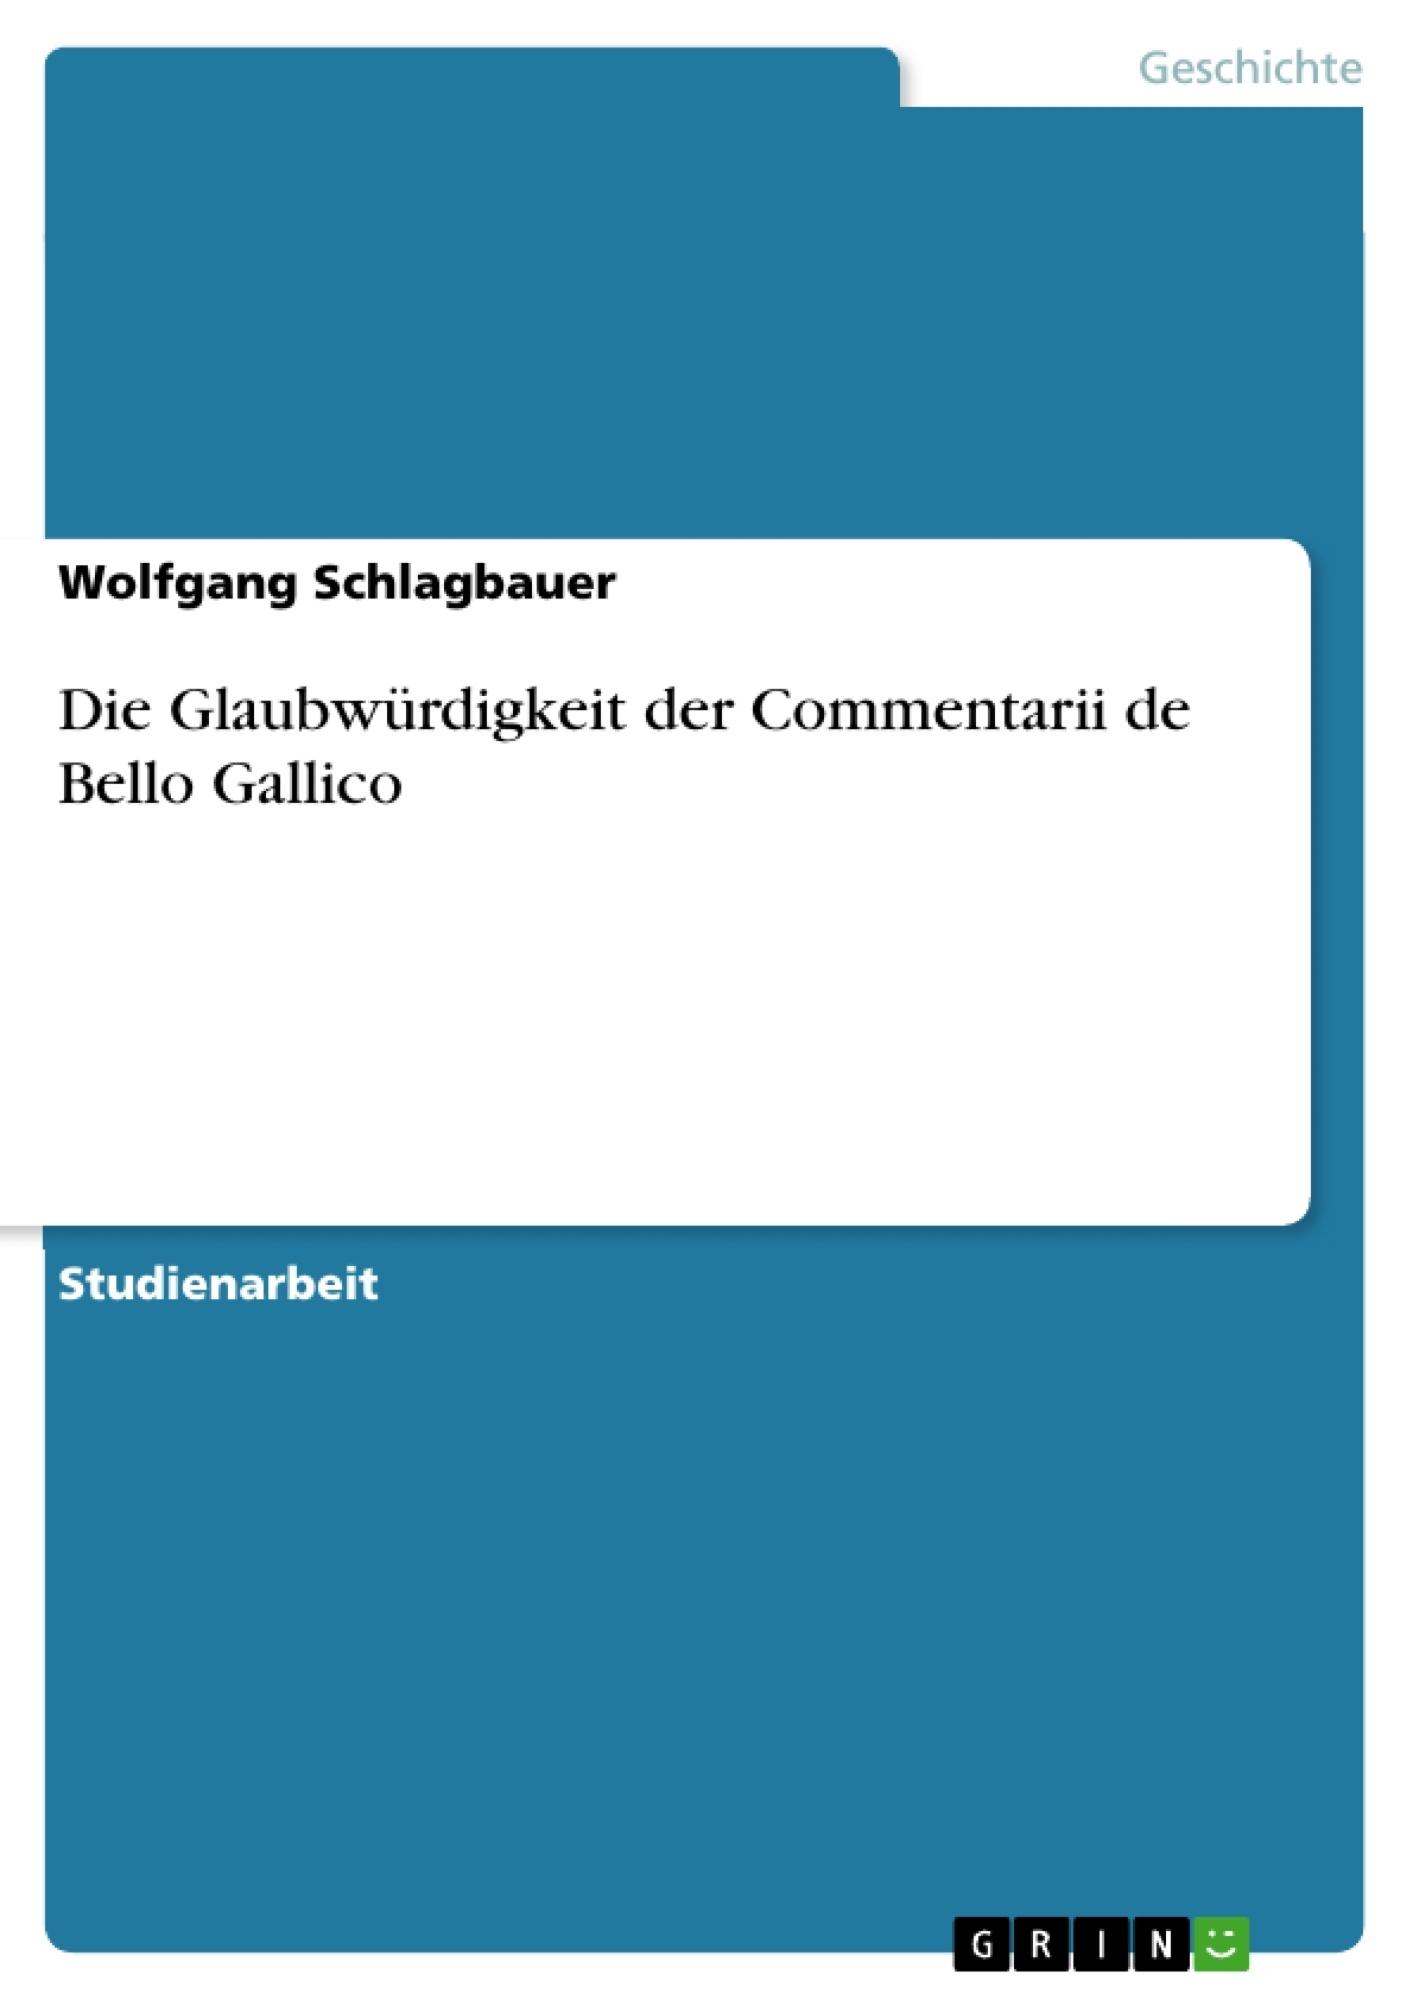 Titel: Die Glaubwürdigkeit der Commentarii de Bello Gallico